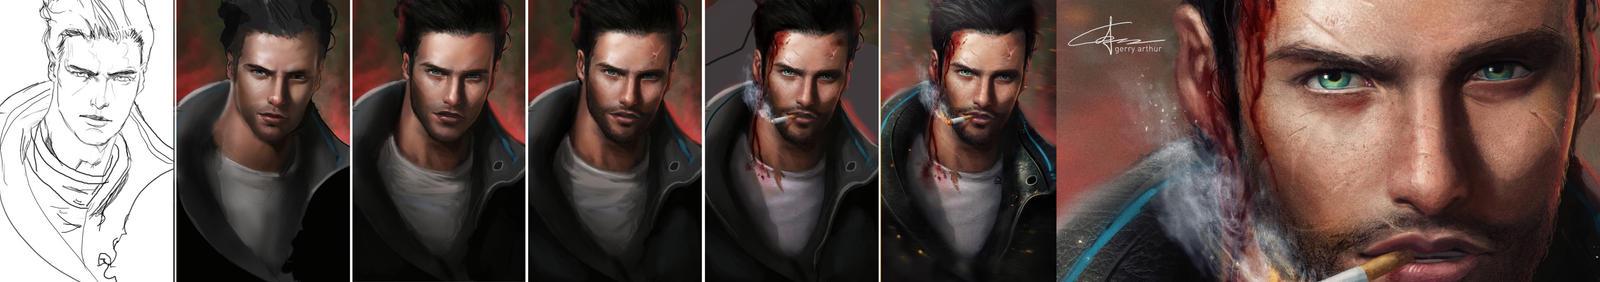 Making Of Gabriel's Nasty Cuts by GerryArthur